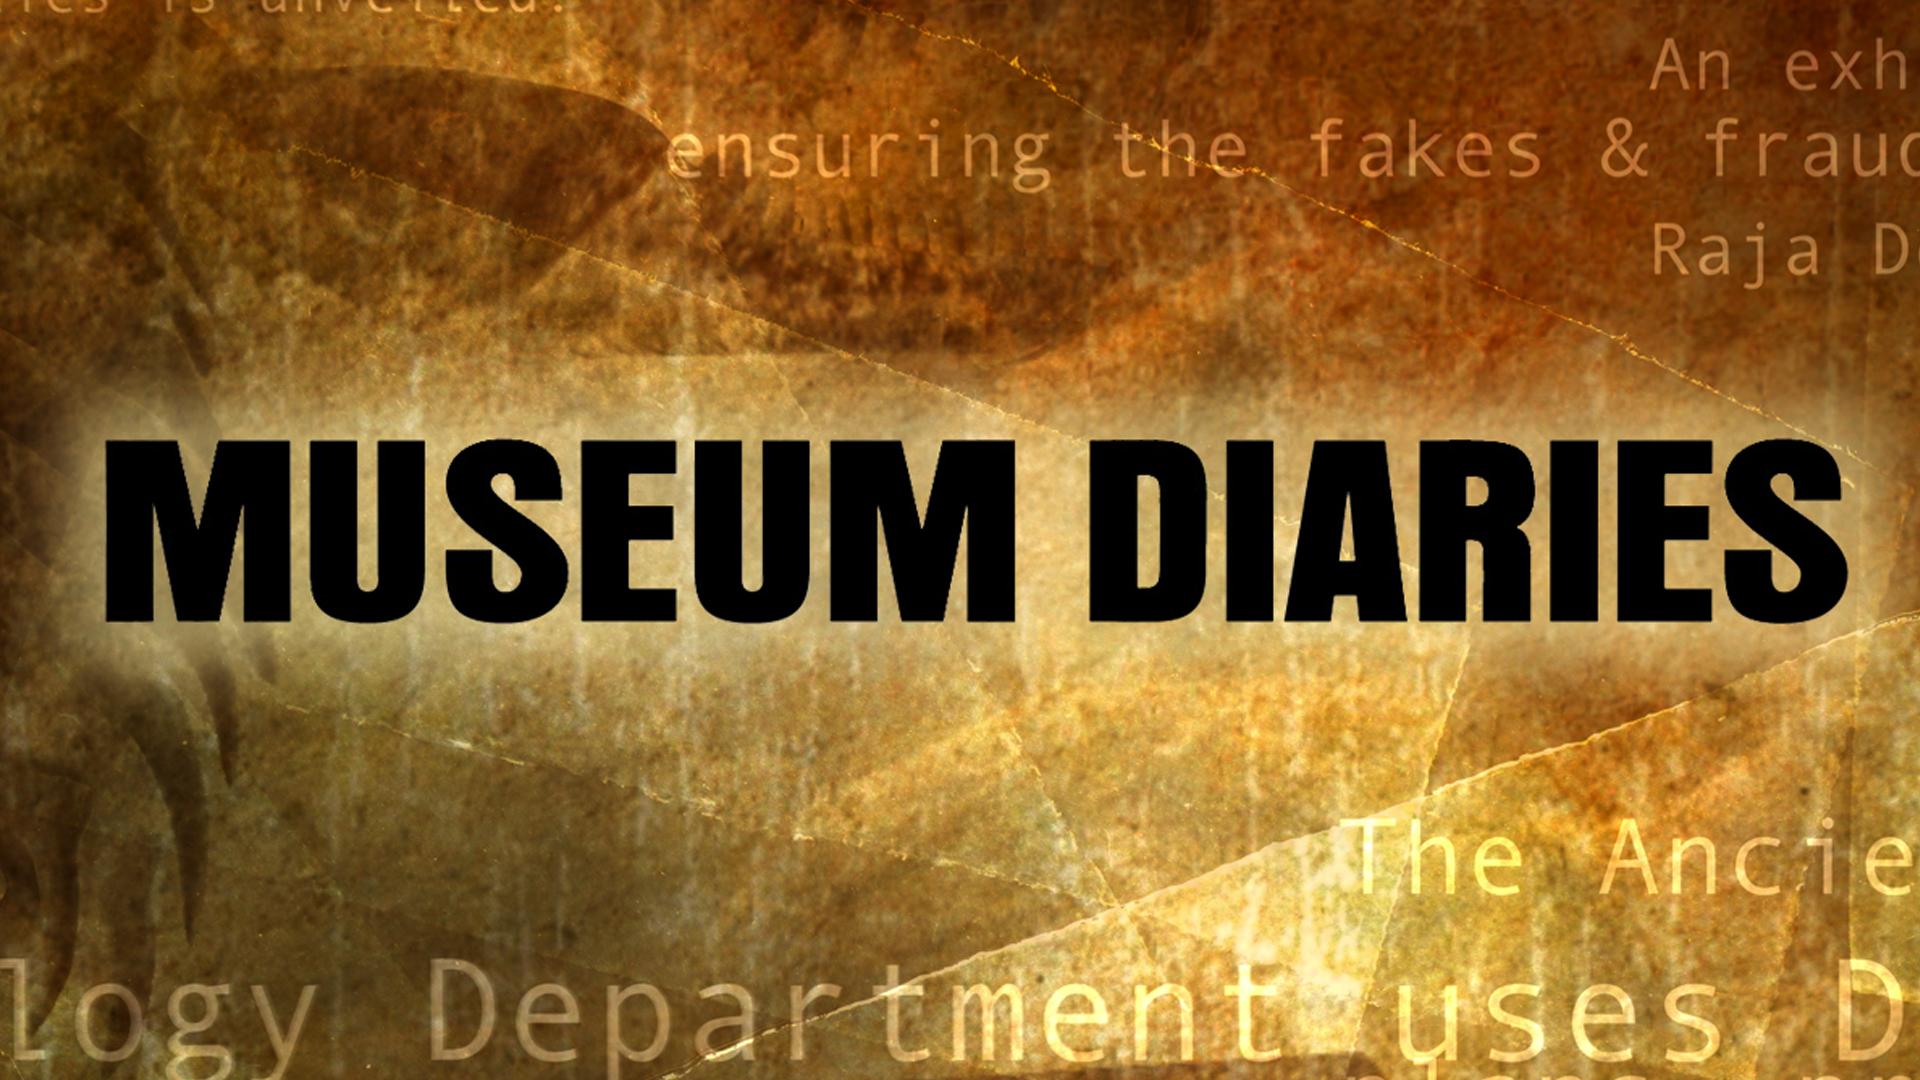 Museum Diaries